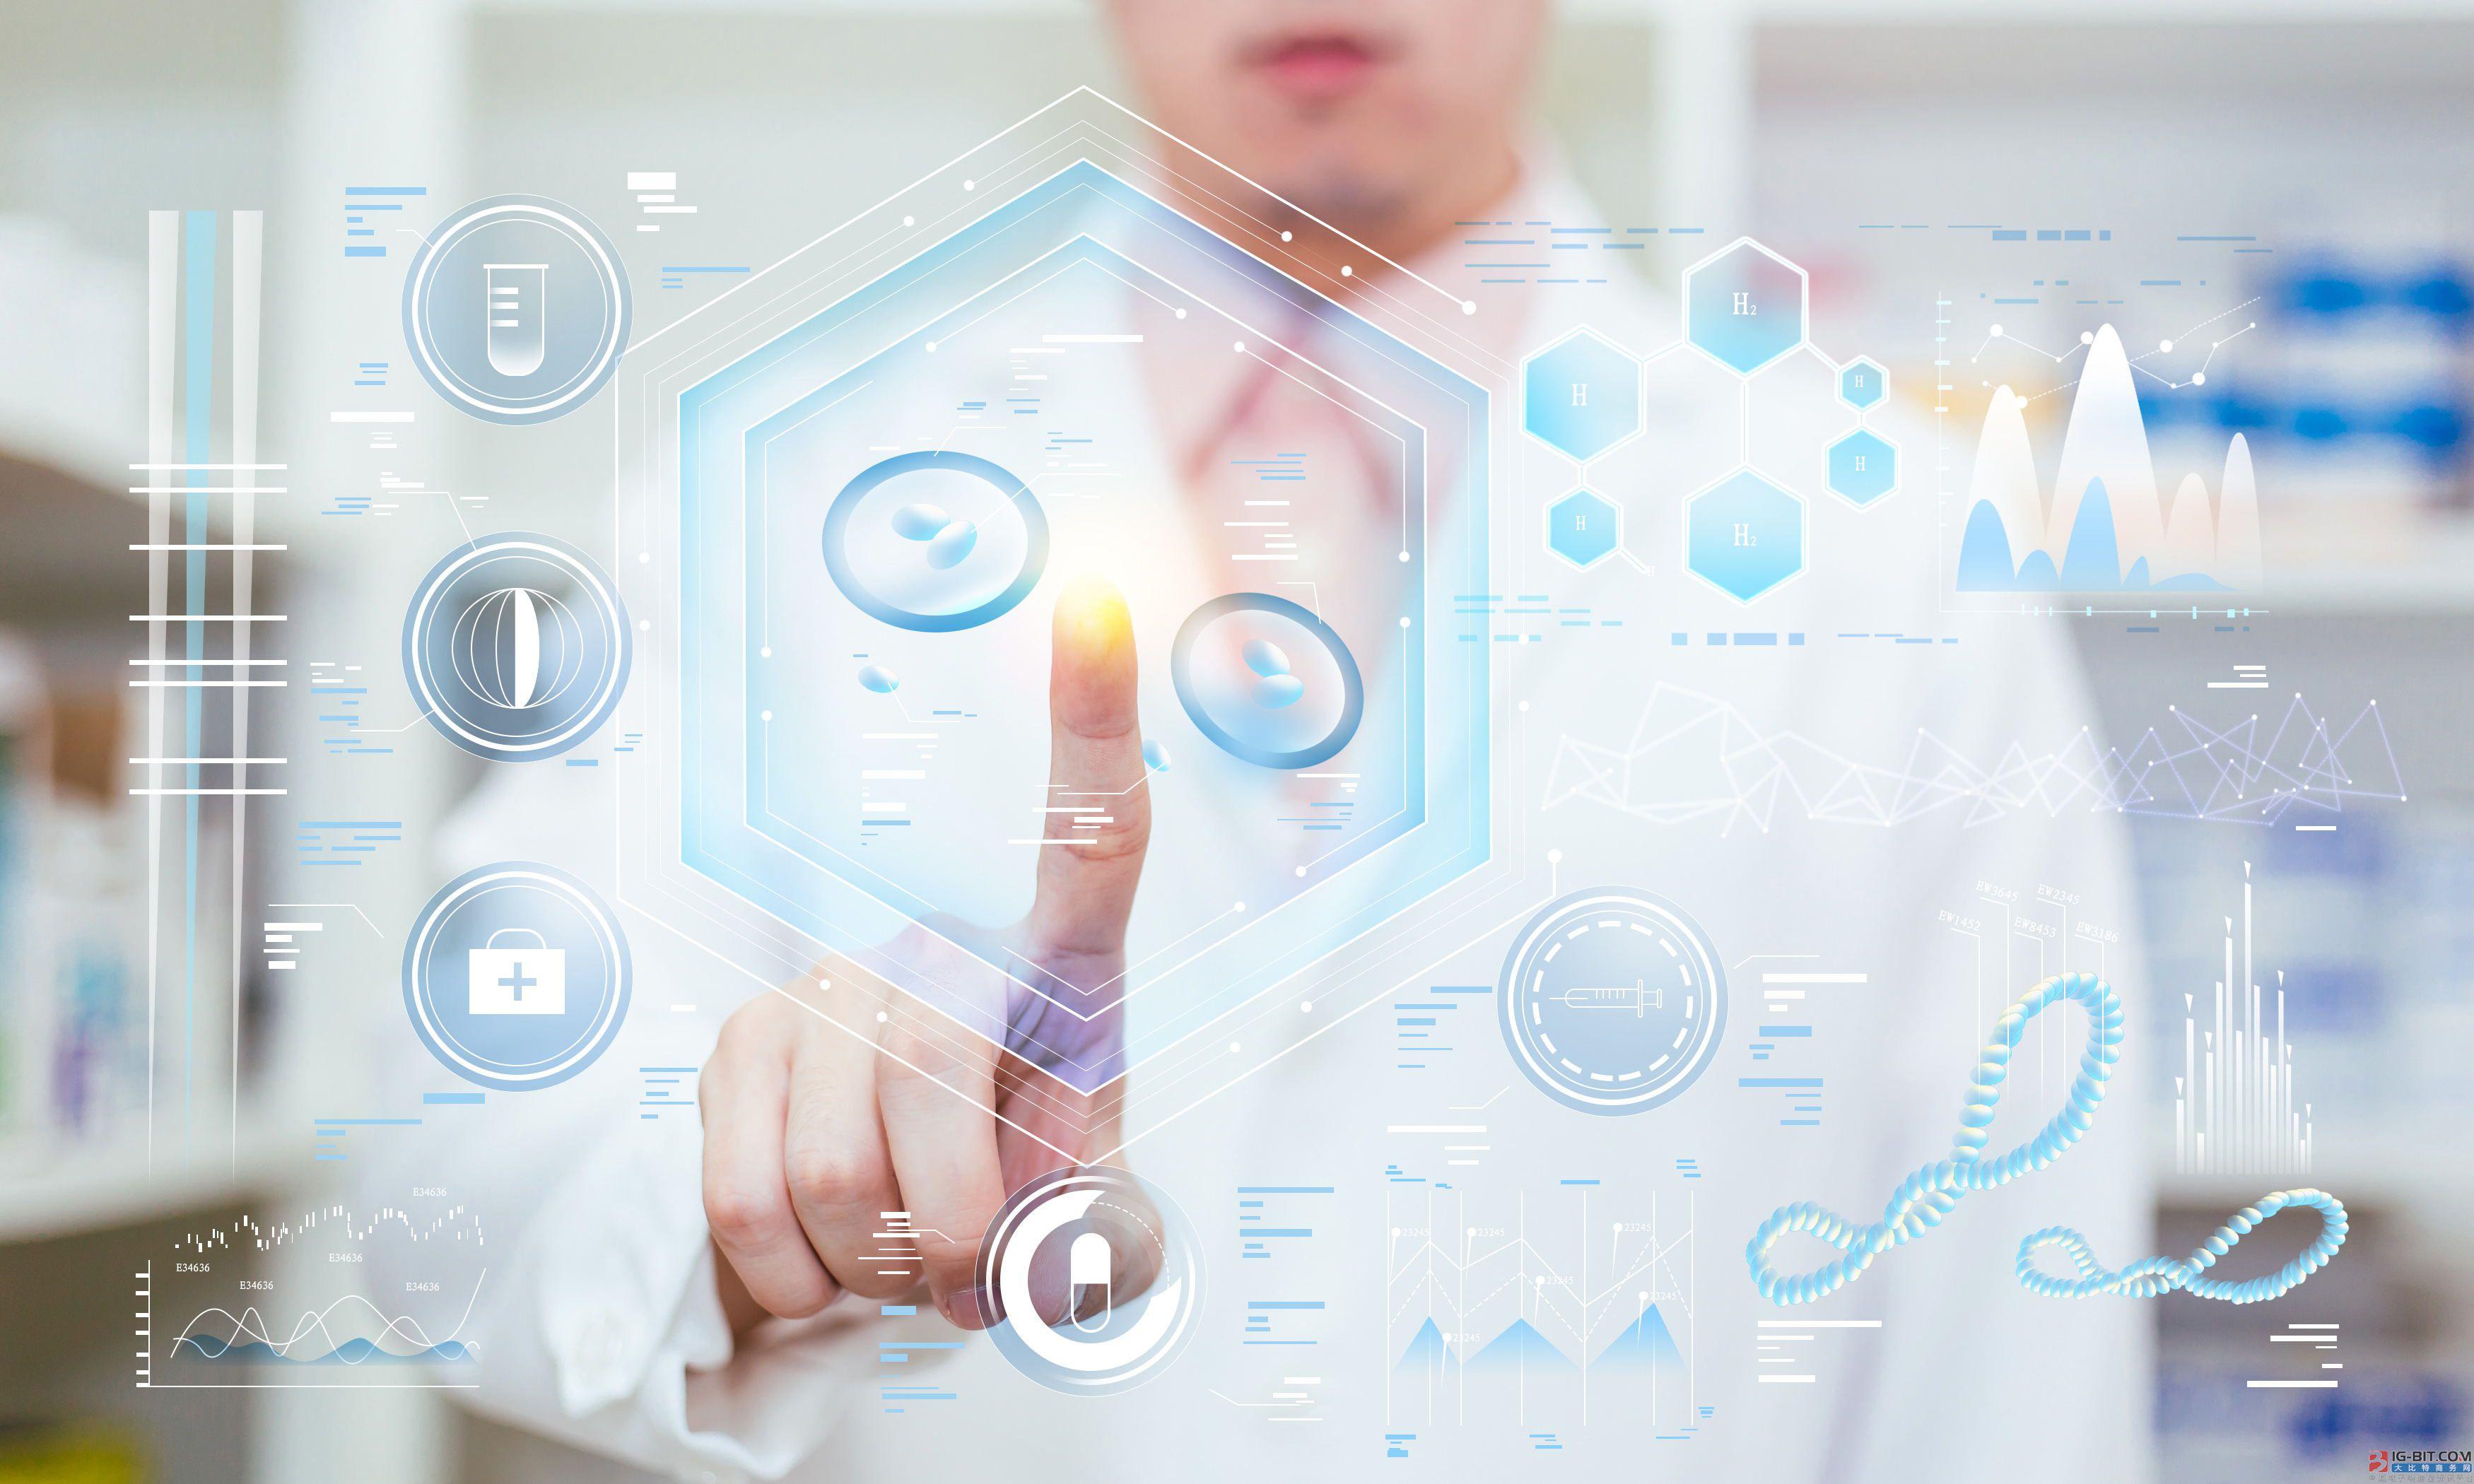 山东加快数据融合应用 为流程再造提供大数据支撑